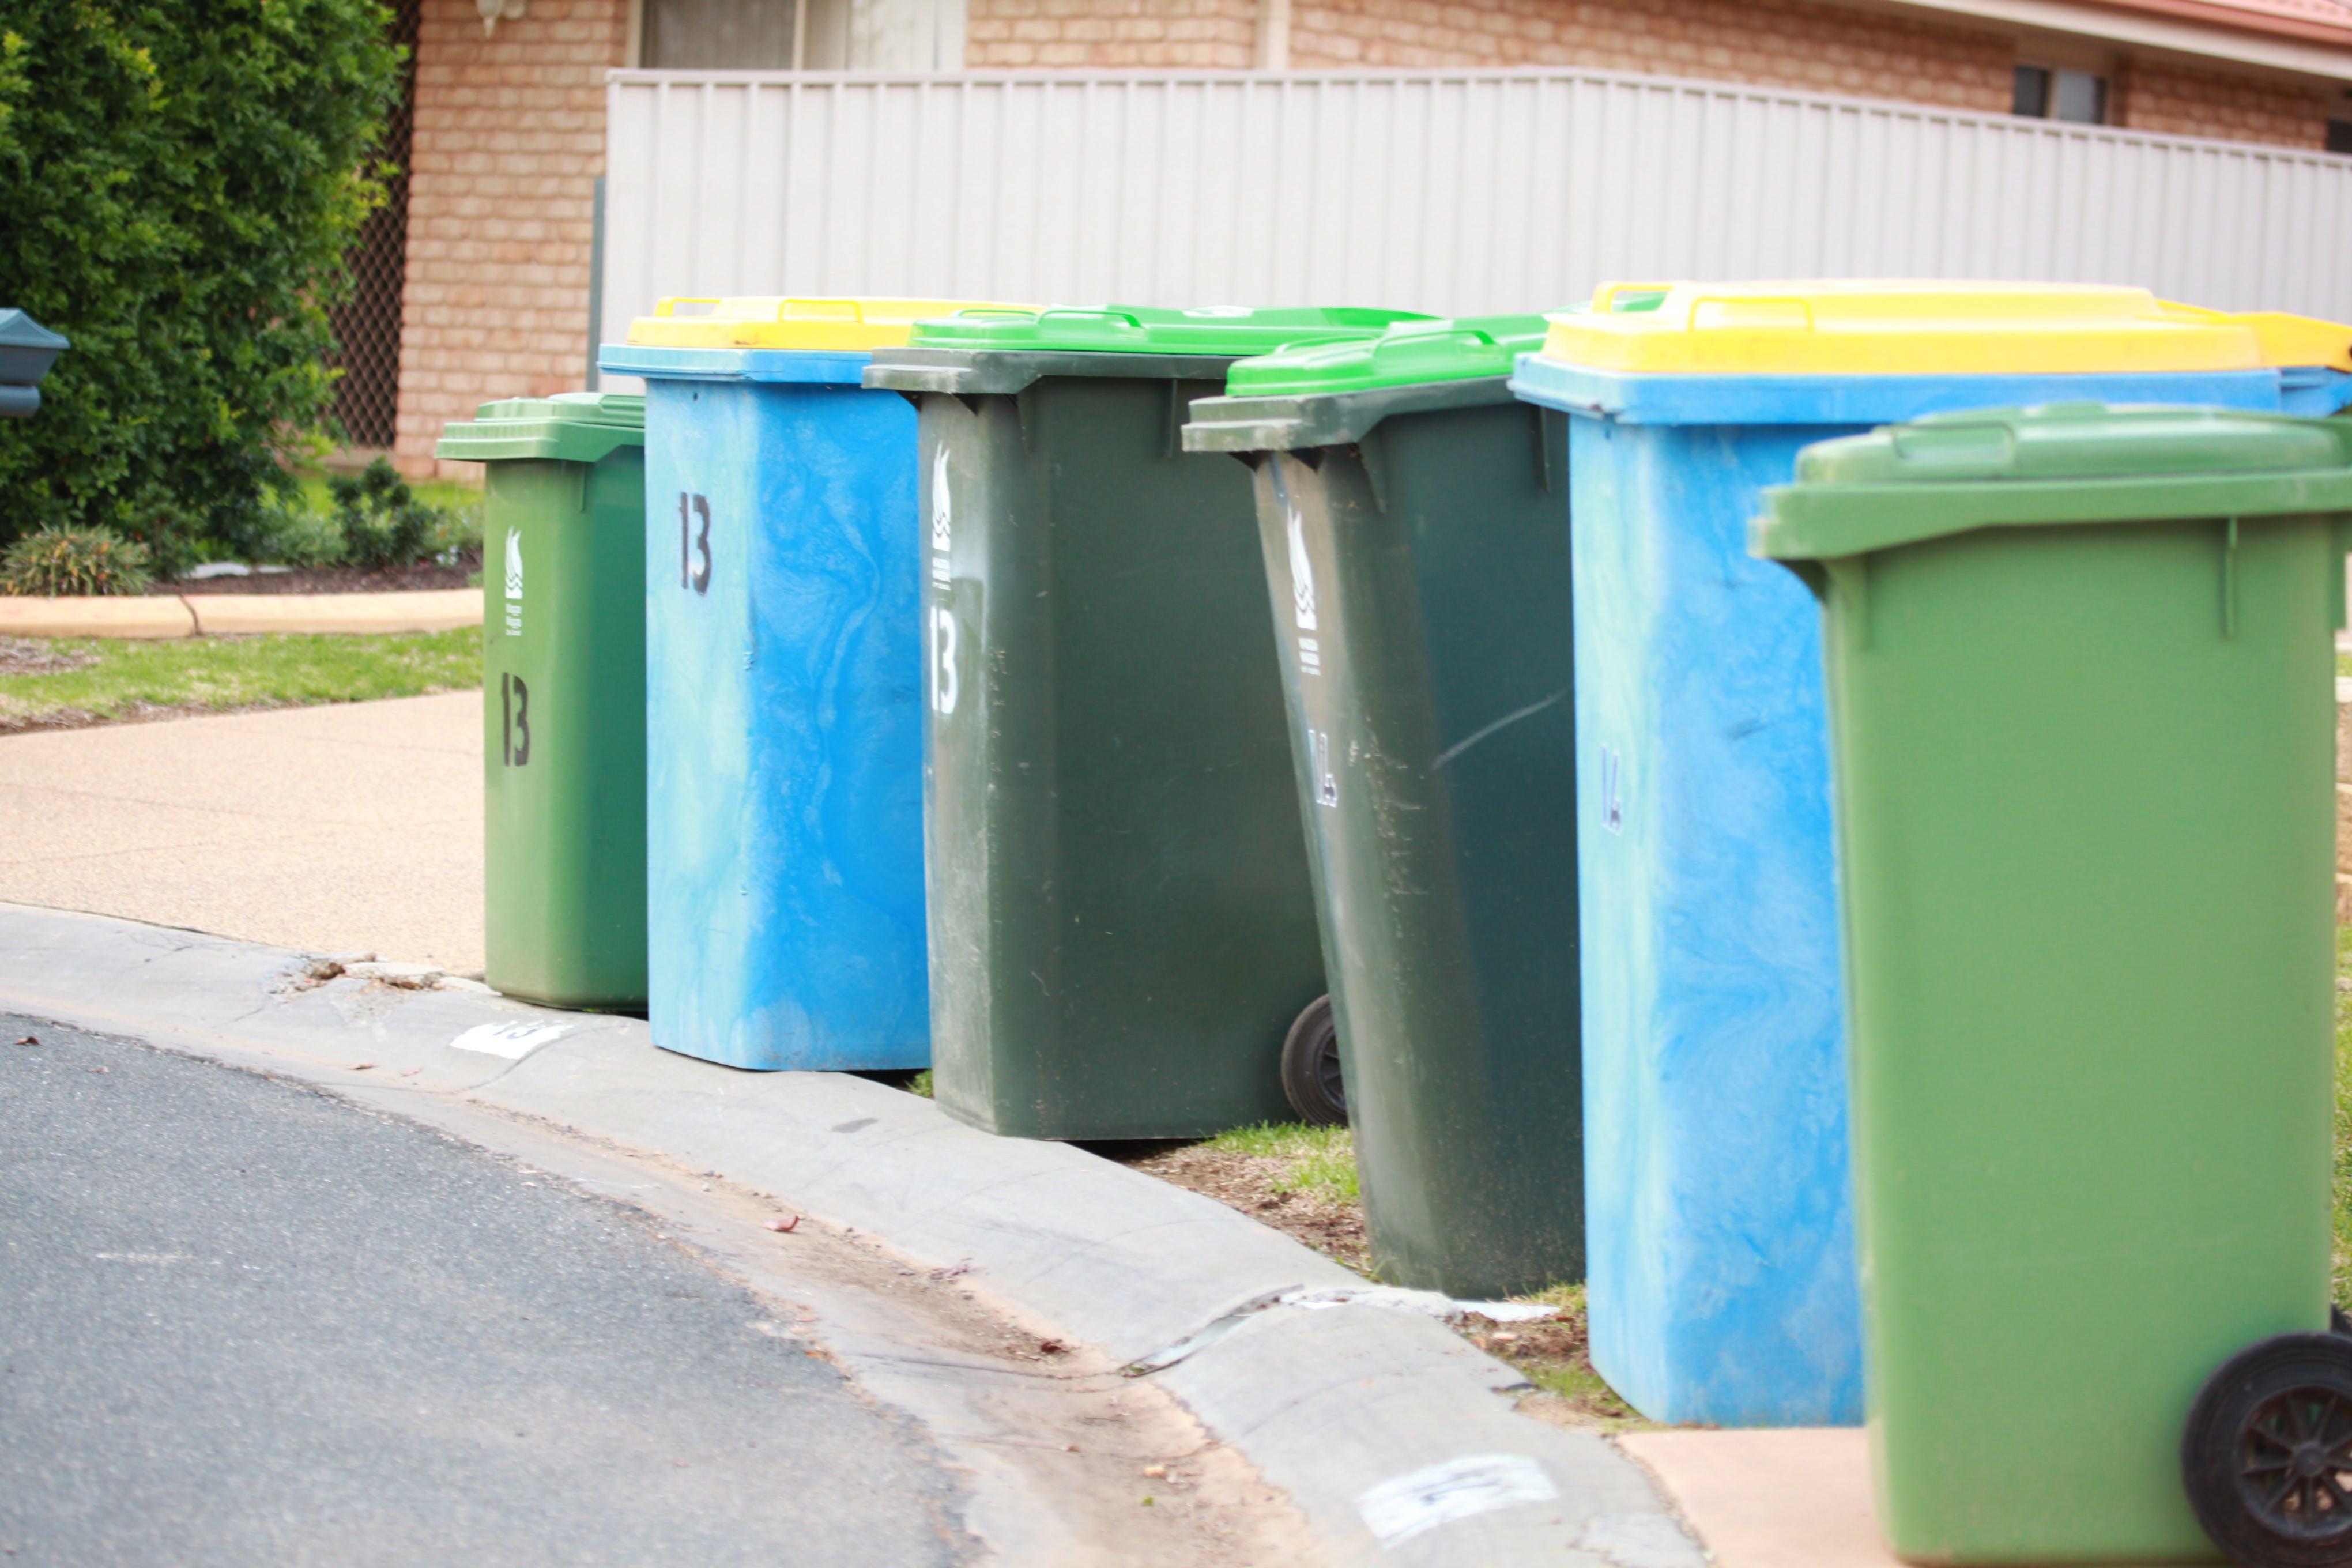 Three bin system